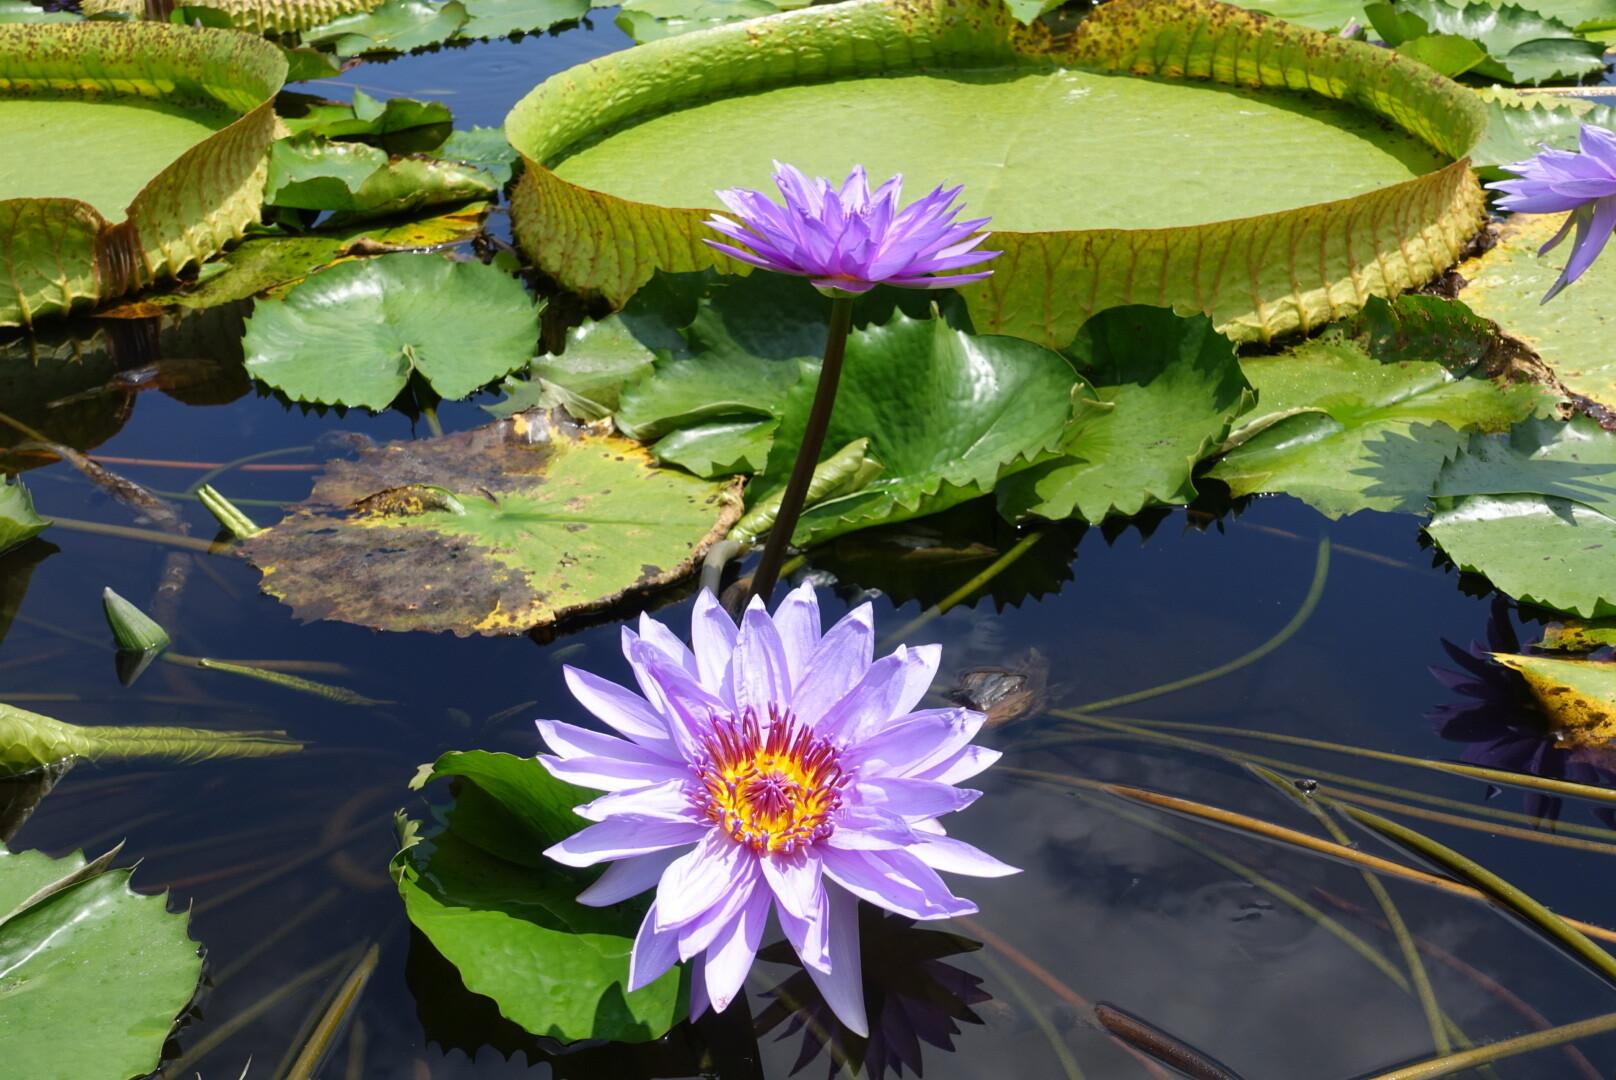 【花蓮吉安】蓮城蓮花園|免費蓮花茶暢飲,滿池盛開的嬌豔荷花